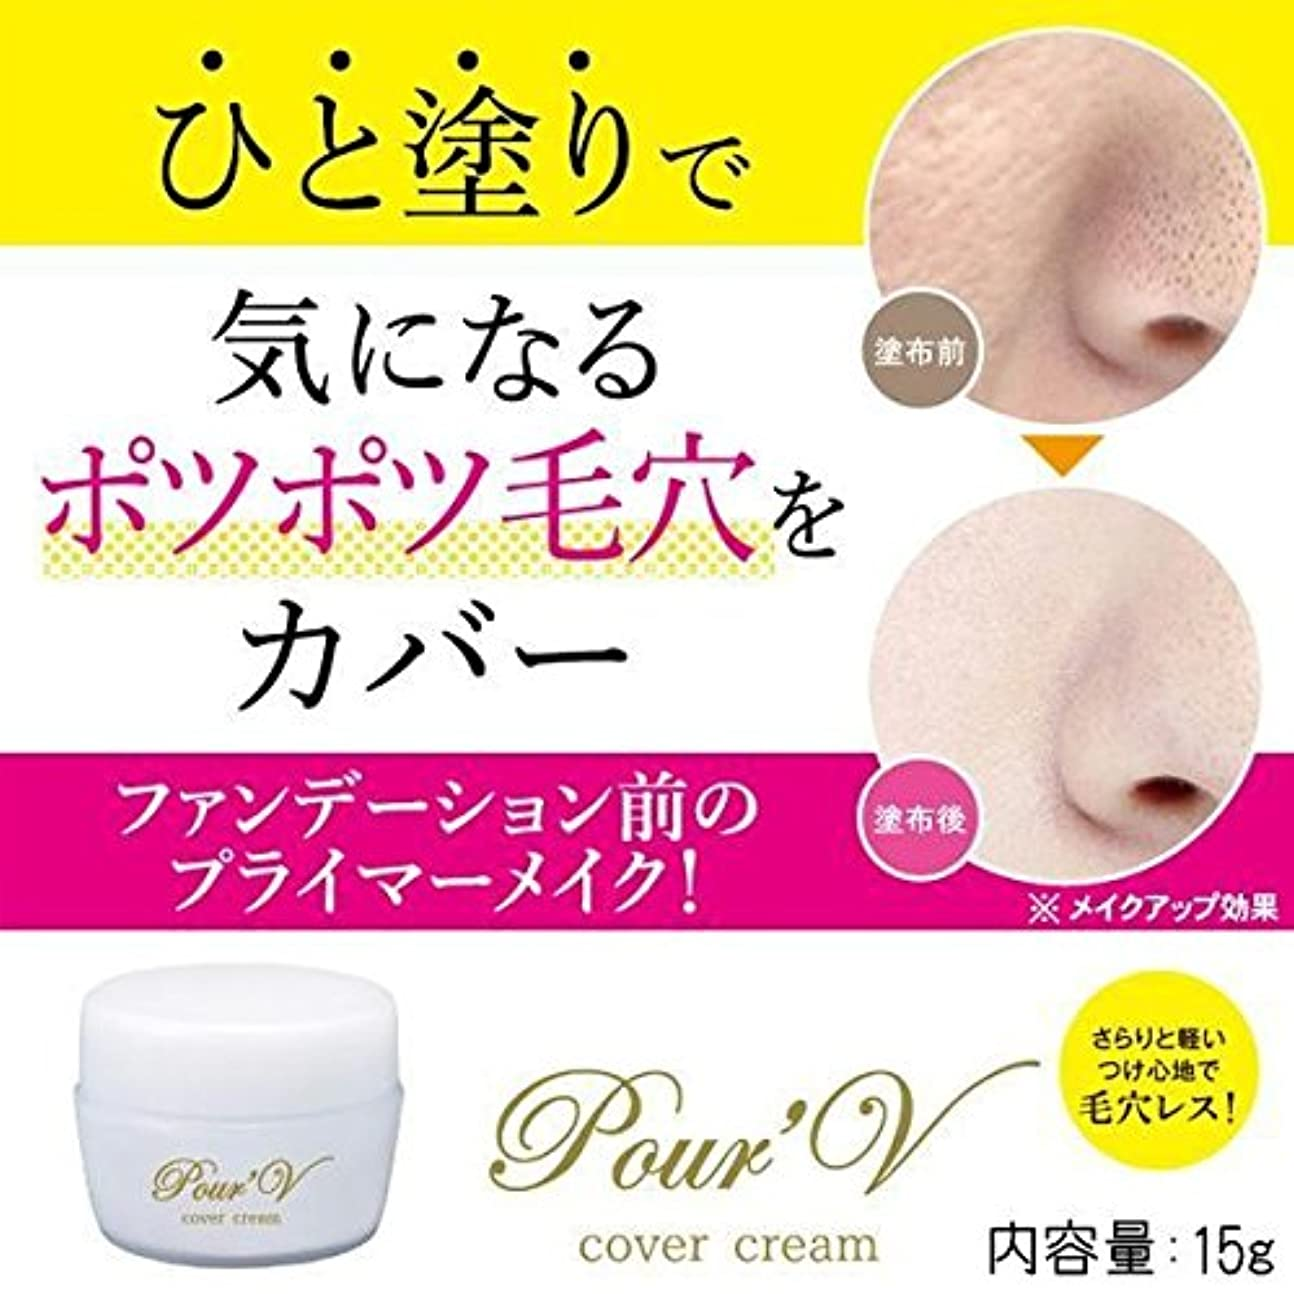 振り子線シャツPour'V(プレヴ) cover cream(カバークリーム) 下地クリーム15g